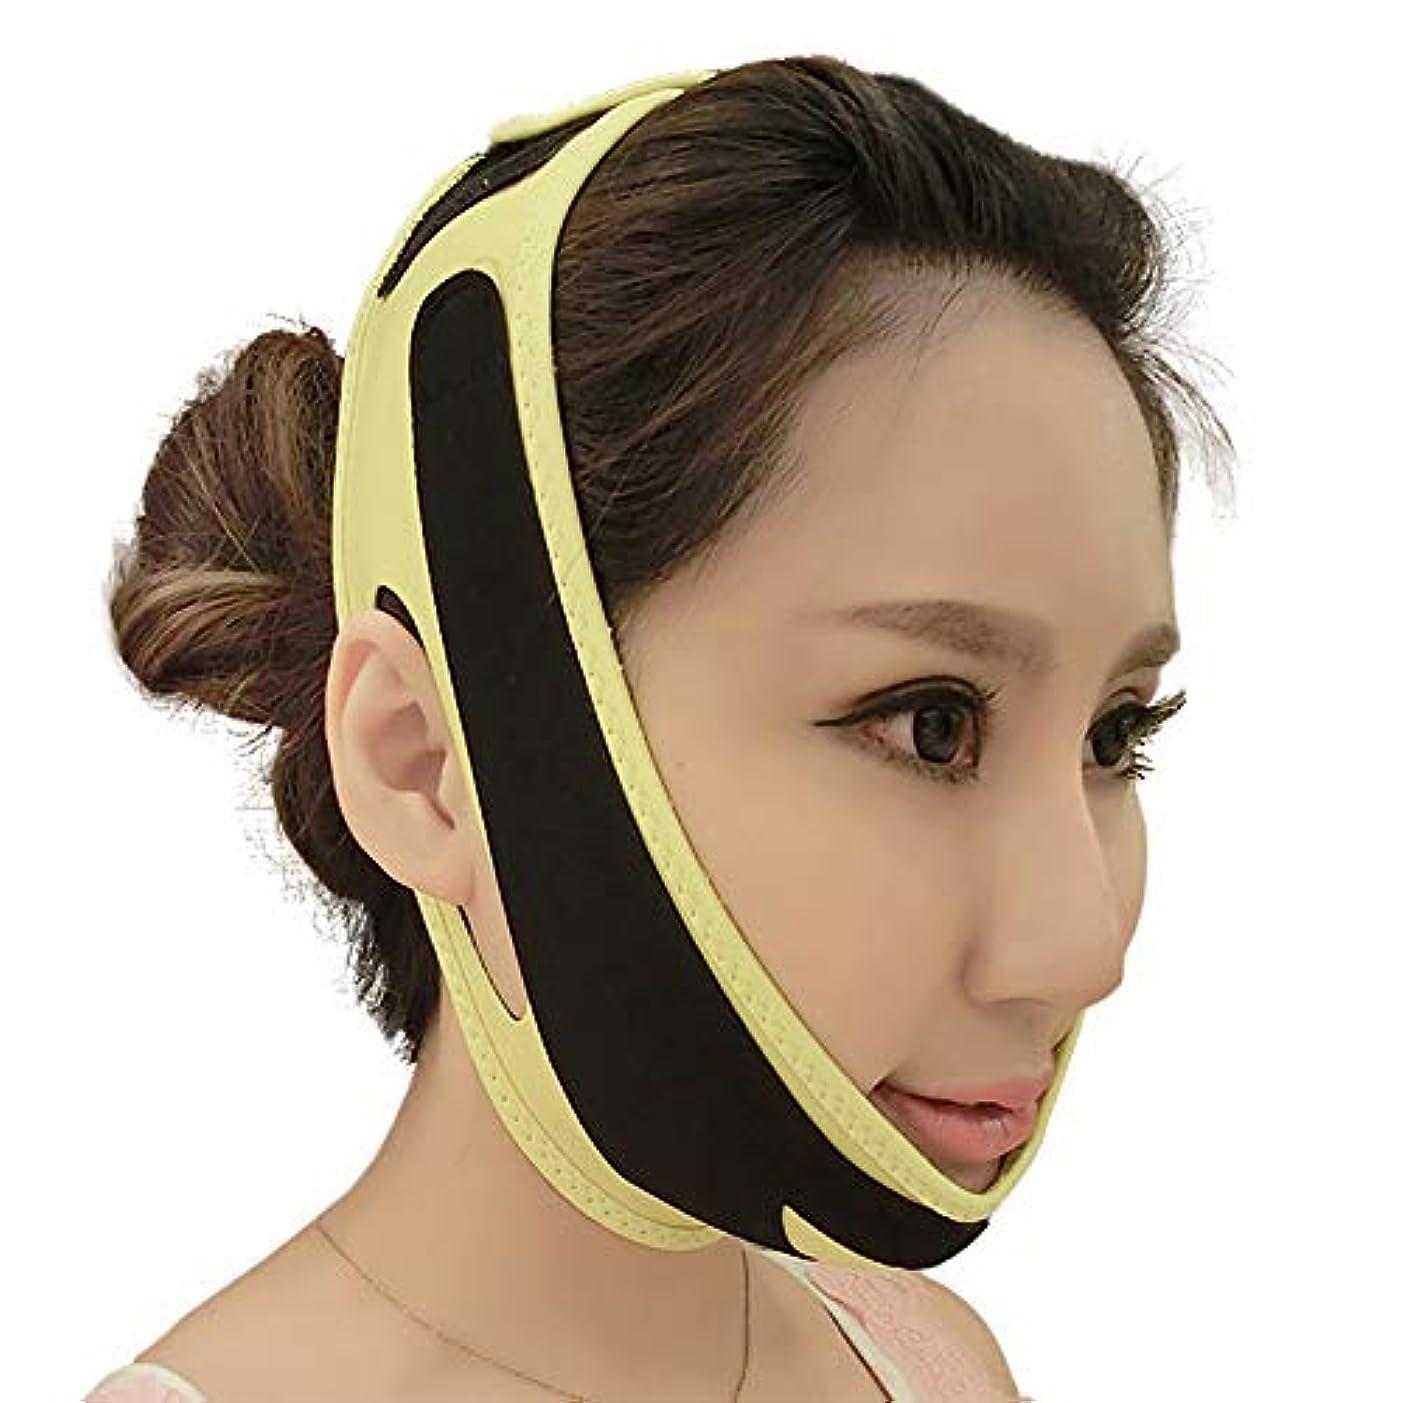 成長フィットネス札入れ痩身頬マスク、アンチリンクルVラインフェイシャルマスクリフトアップストラップチンフェイスラインベルトストラップバンド,Yellow